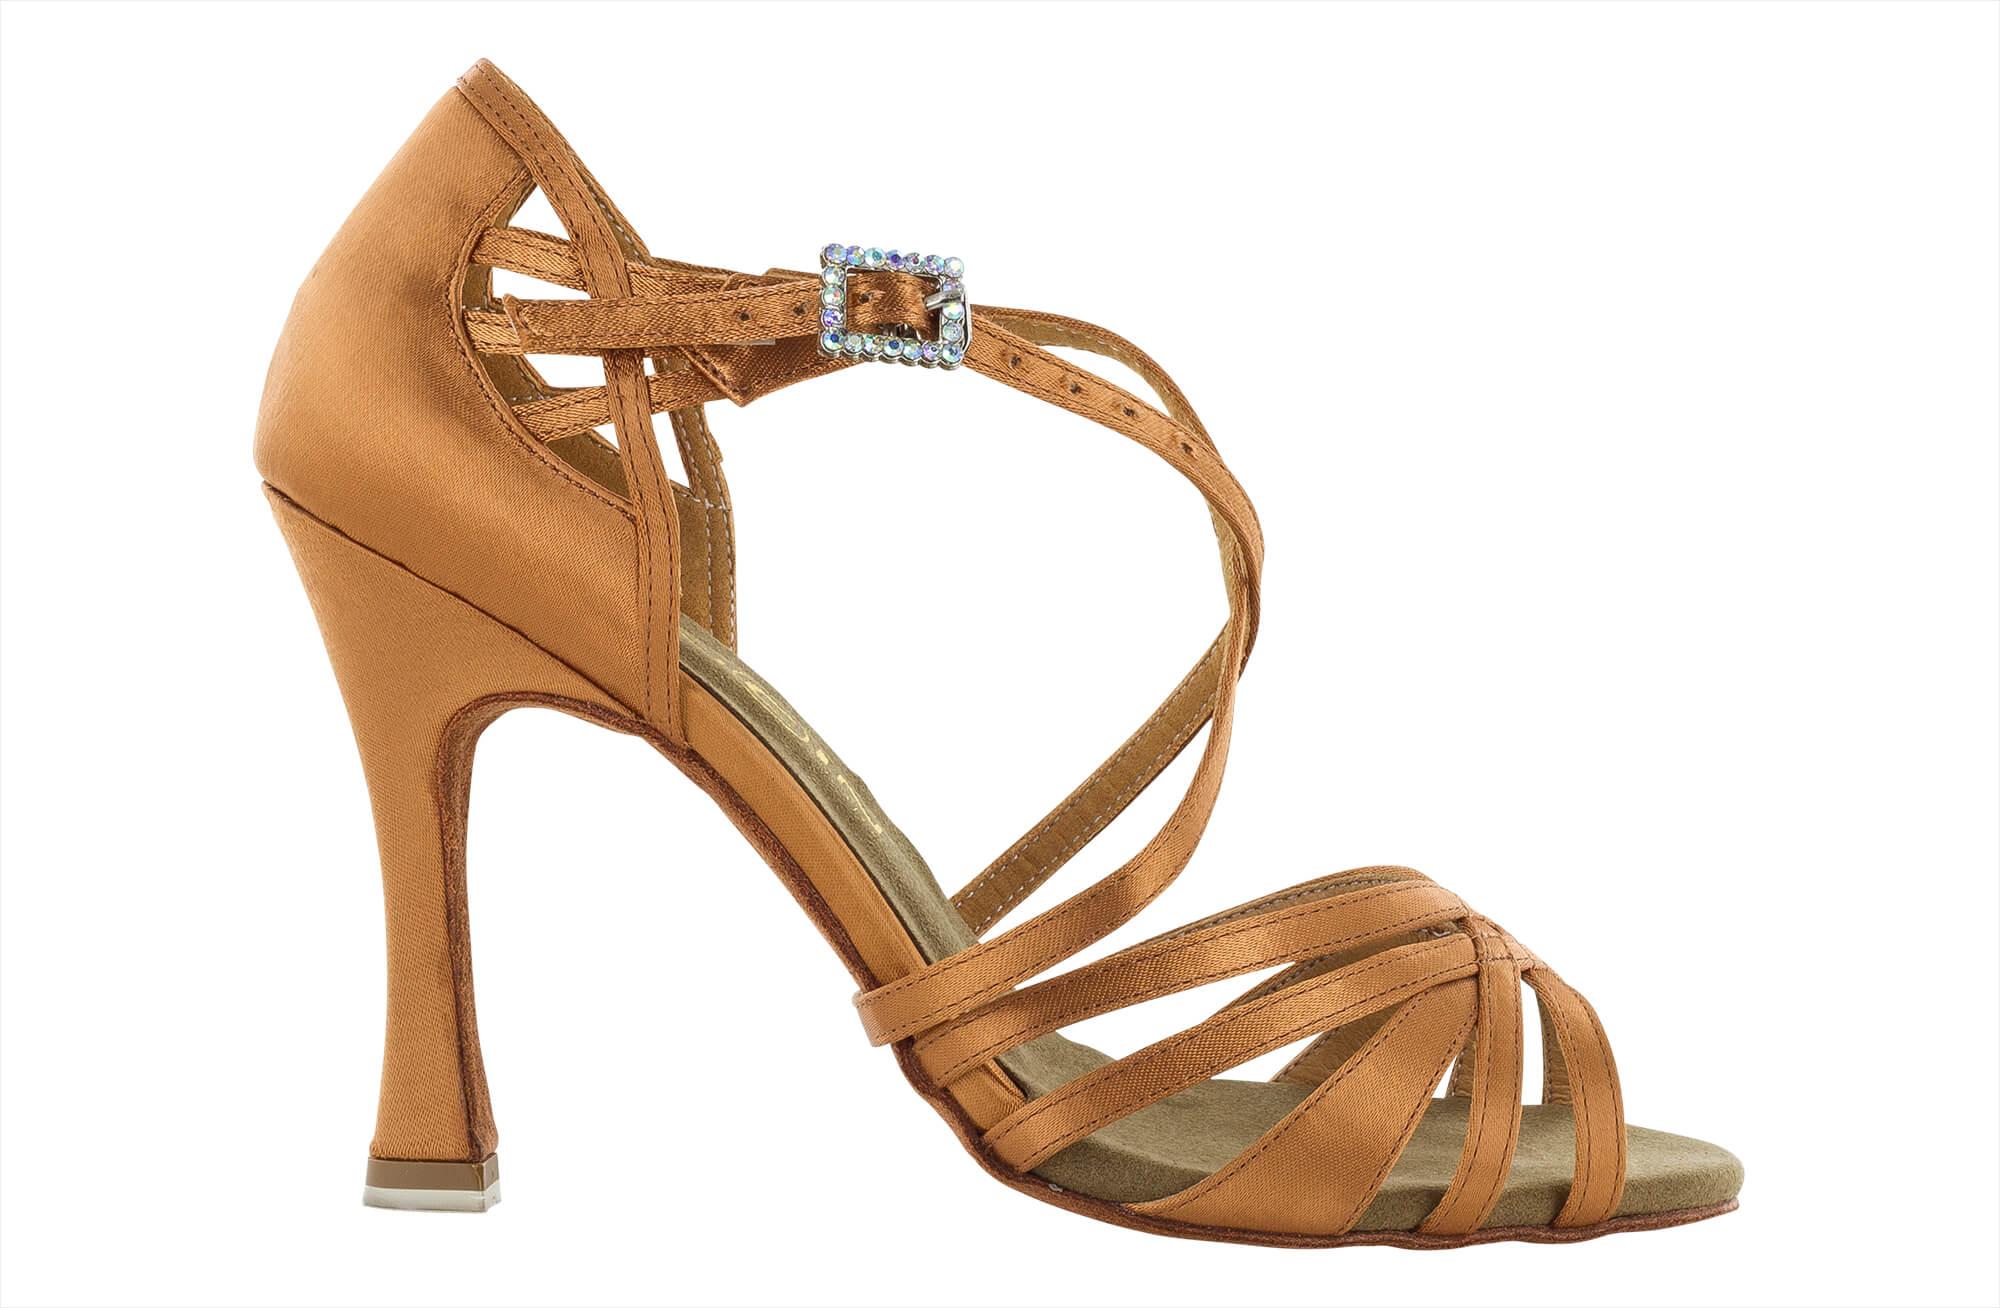 Zapato de baile Danc'in en Raso de tiras cruzadas con Tacón de 10cm